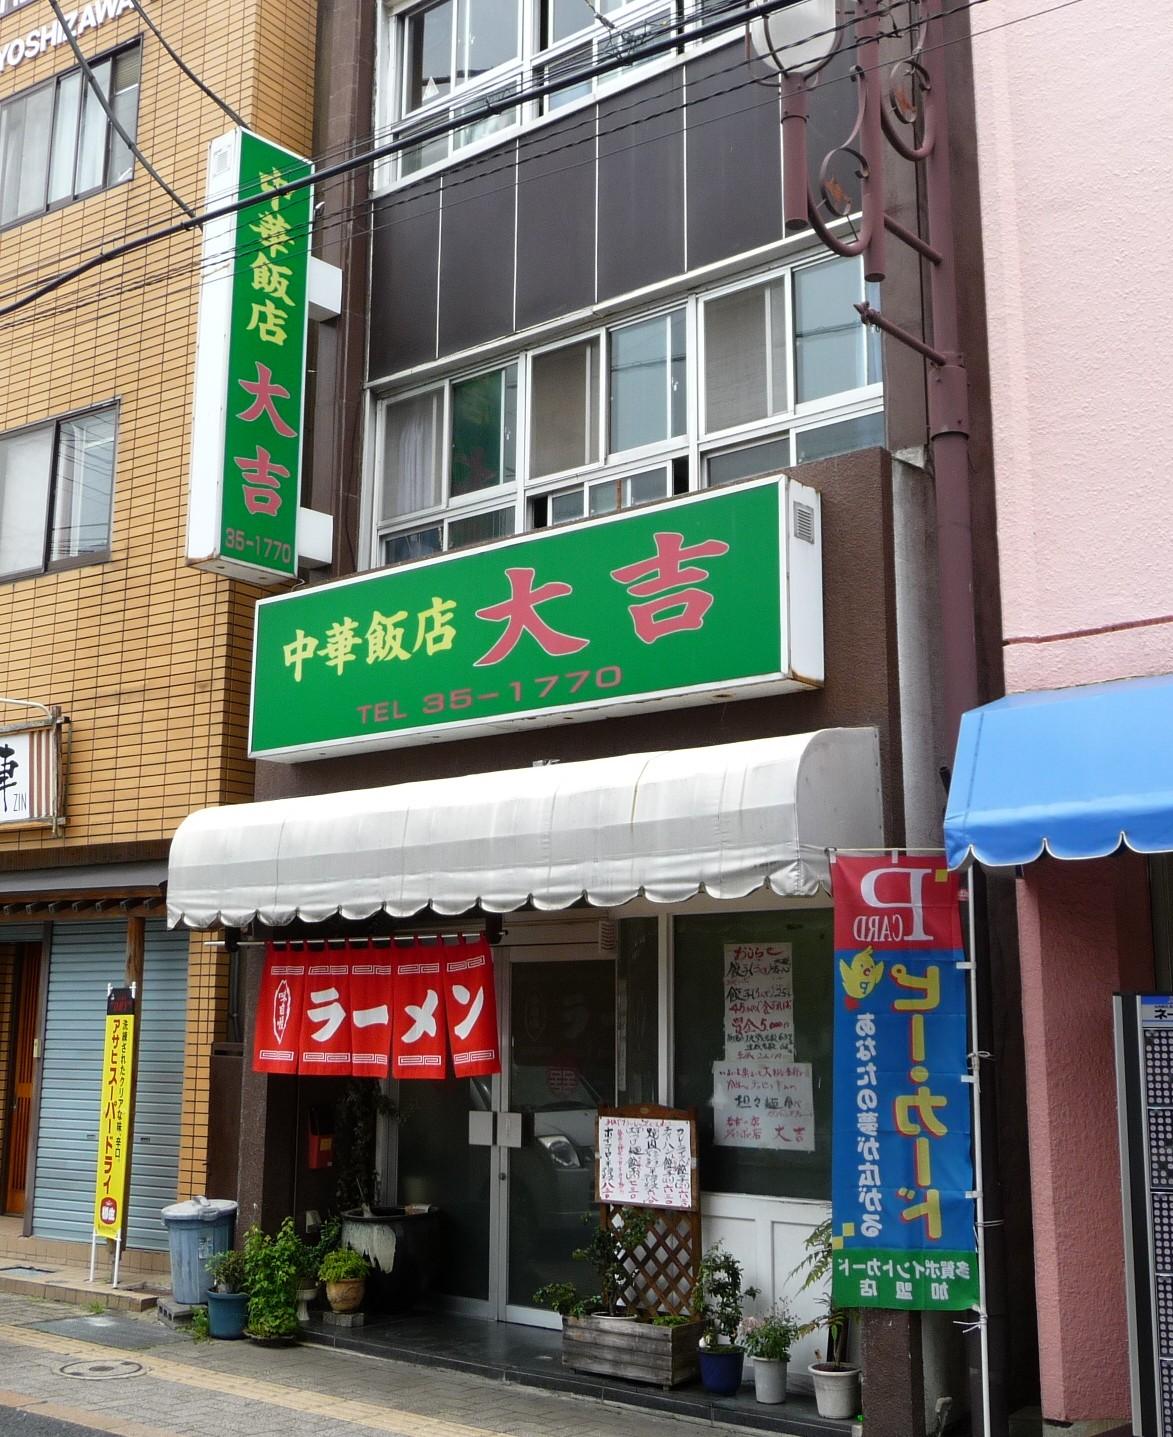 中華飯店 大吉